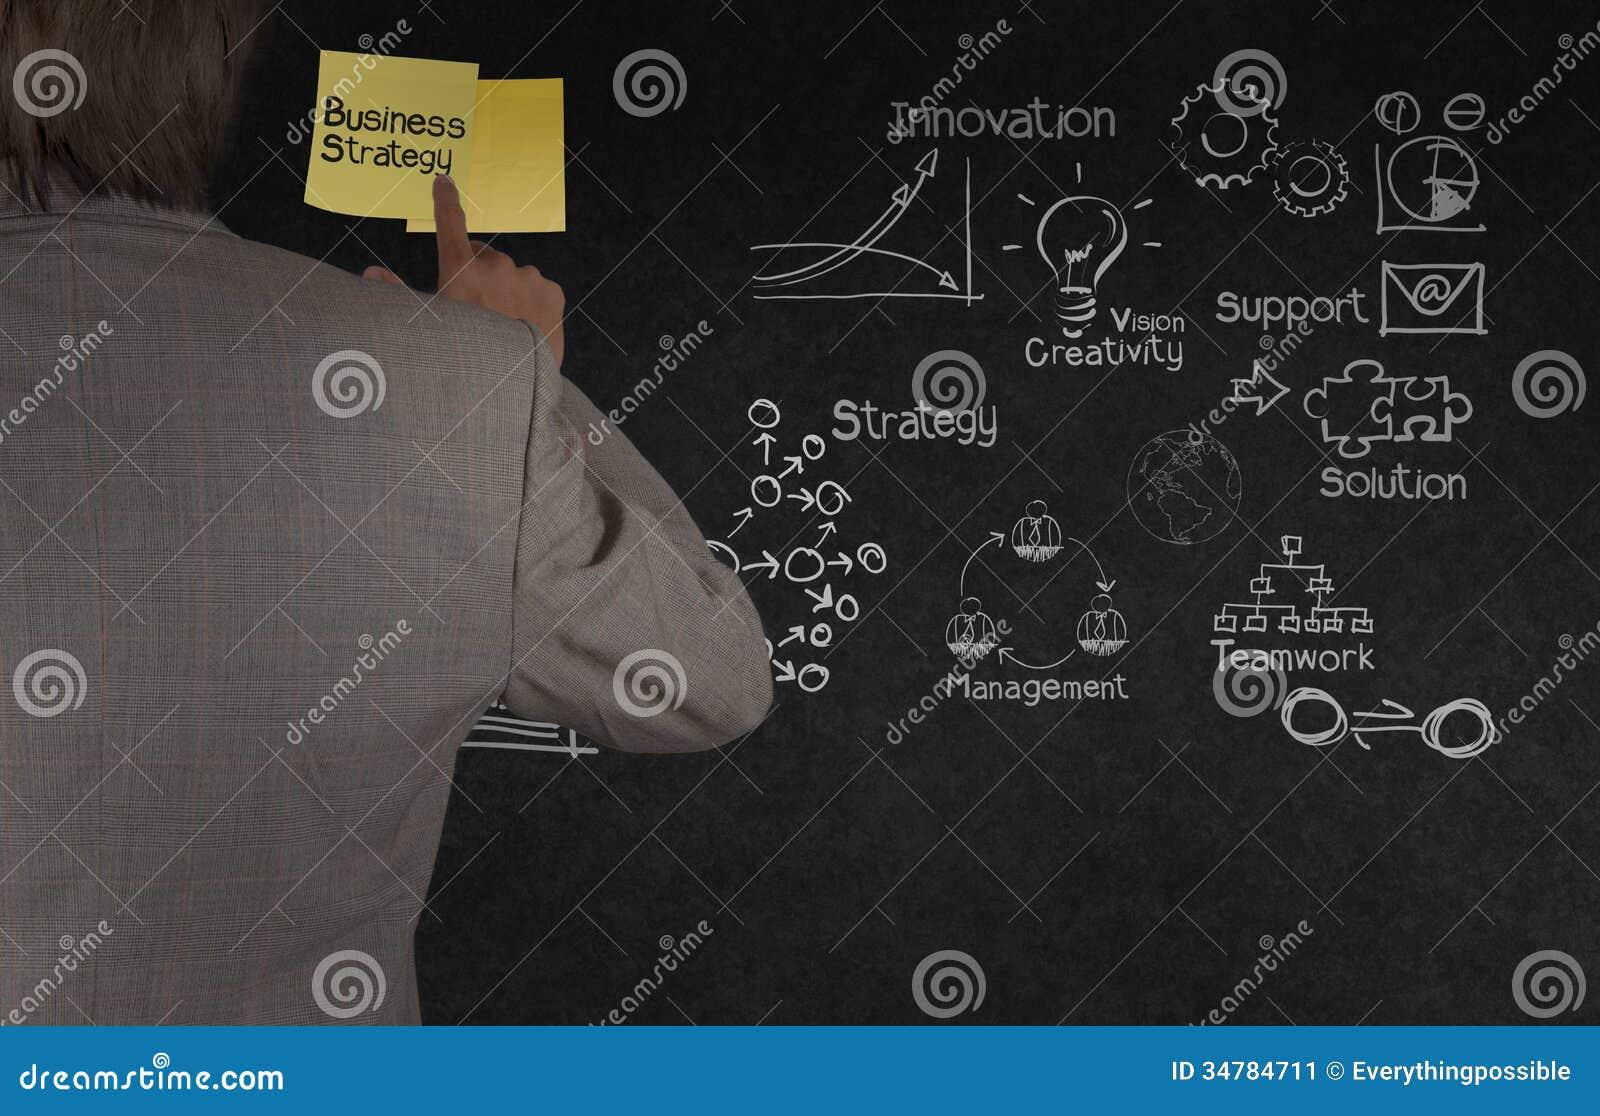 Nota pegajosa del tacto de la mano del hombre de negocios con estrategia empresarial